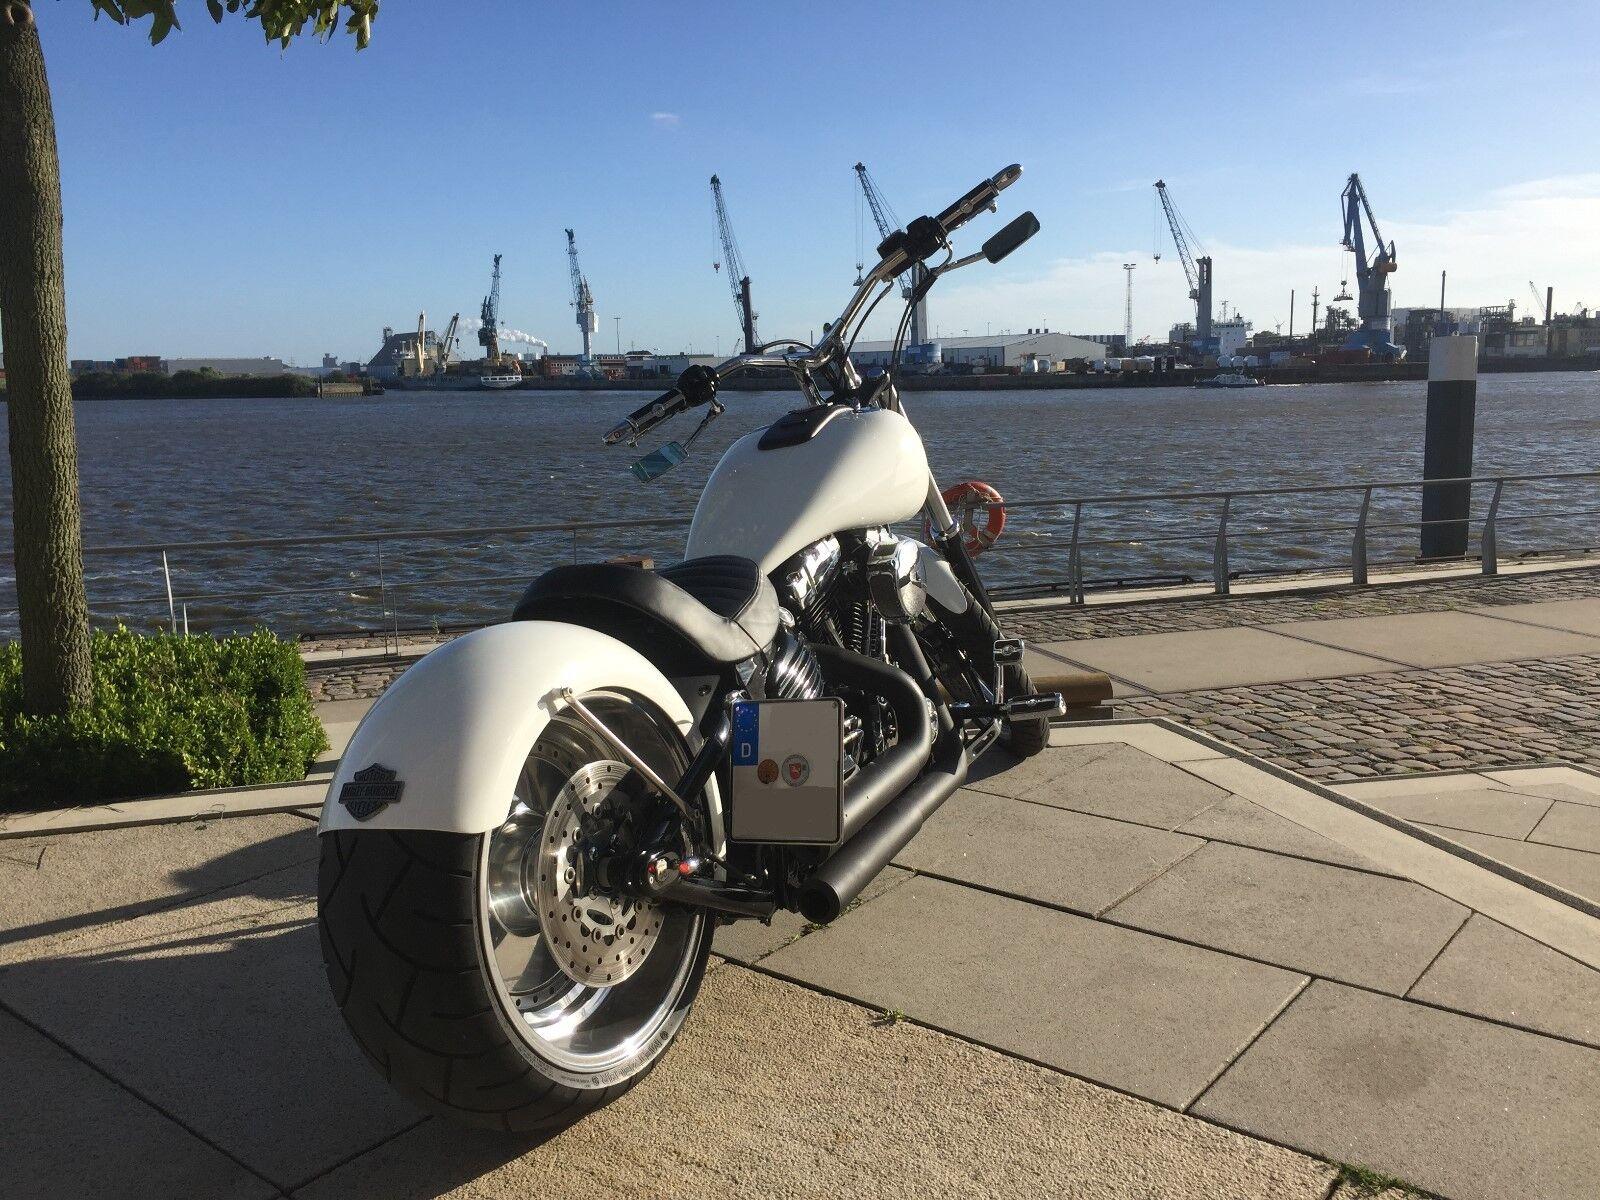 2009 Harley Davidson Rocker Custom Showbike